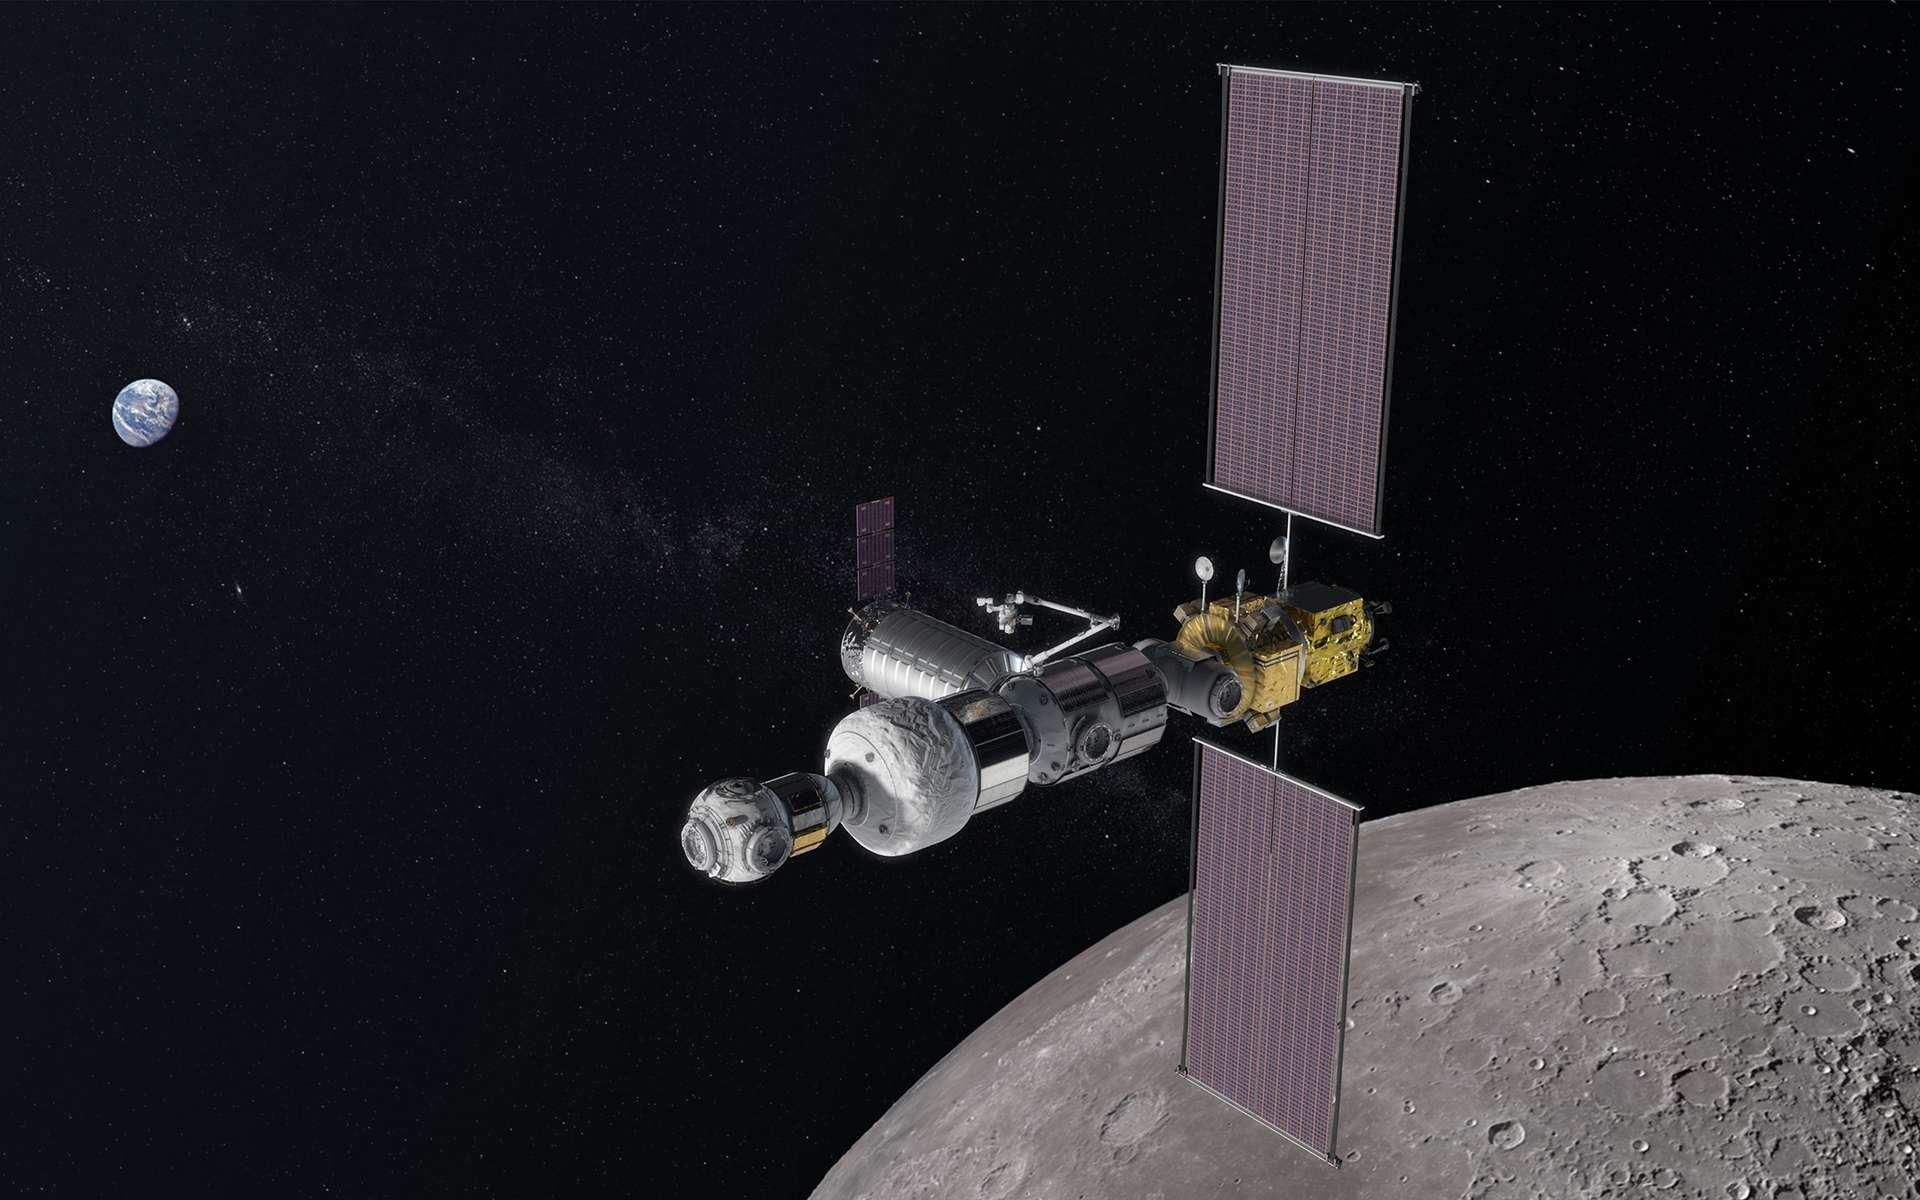 Cinquante ans après Apollo, la Nasa se prépare à retourner sur la Lune, pour y rester cette-fois-ci, et en associant des partenaires internationaux et commerciaux. © Nasa